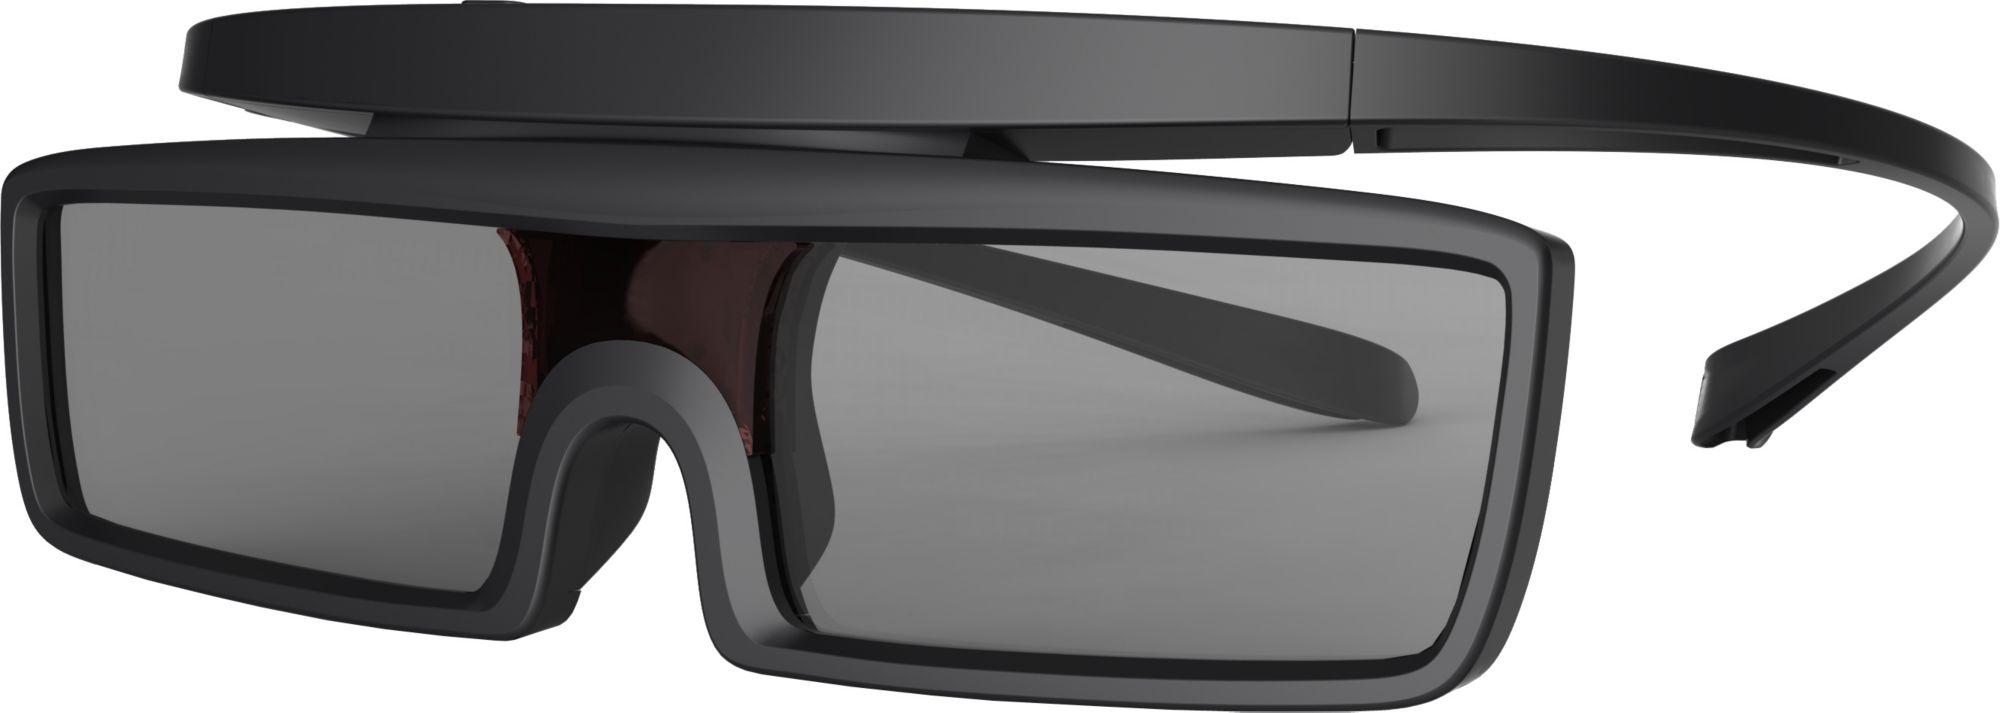 HISENSE Hisense FPS3D07A 3D Brille 3D-Active-Shutter-Brille